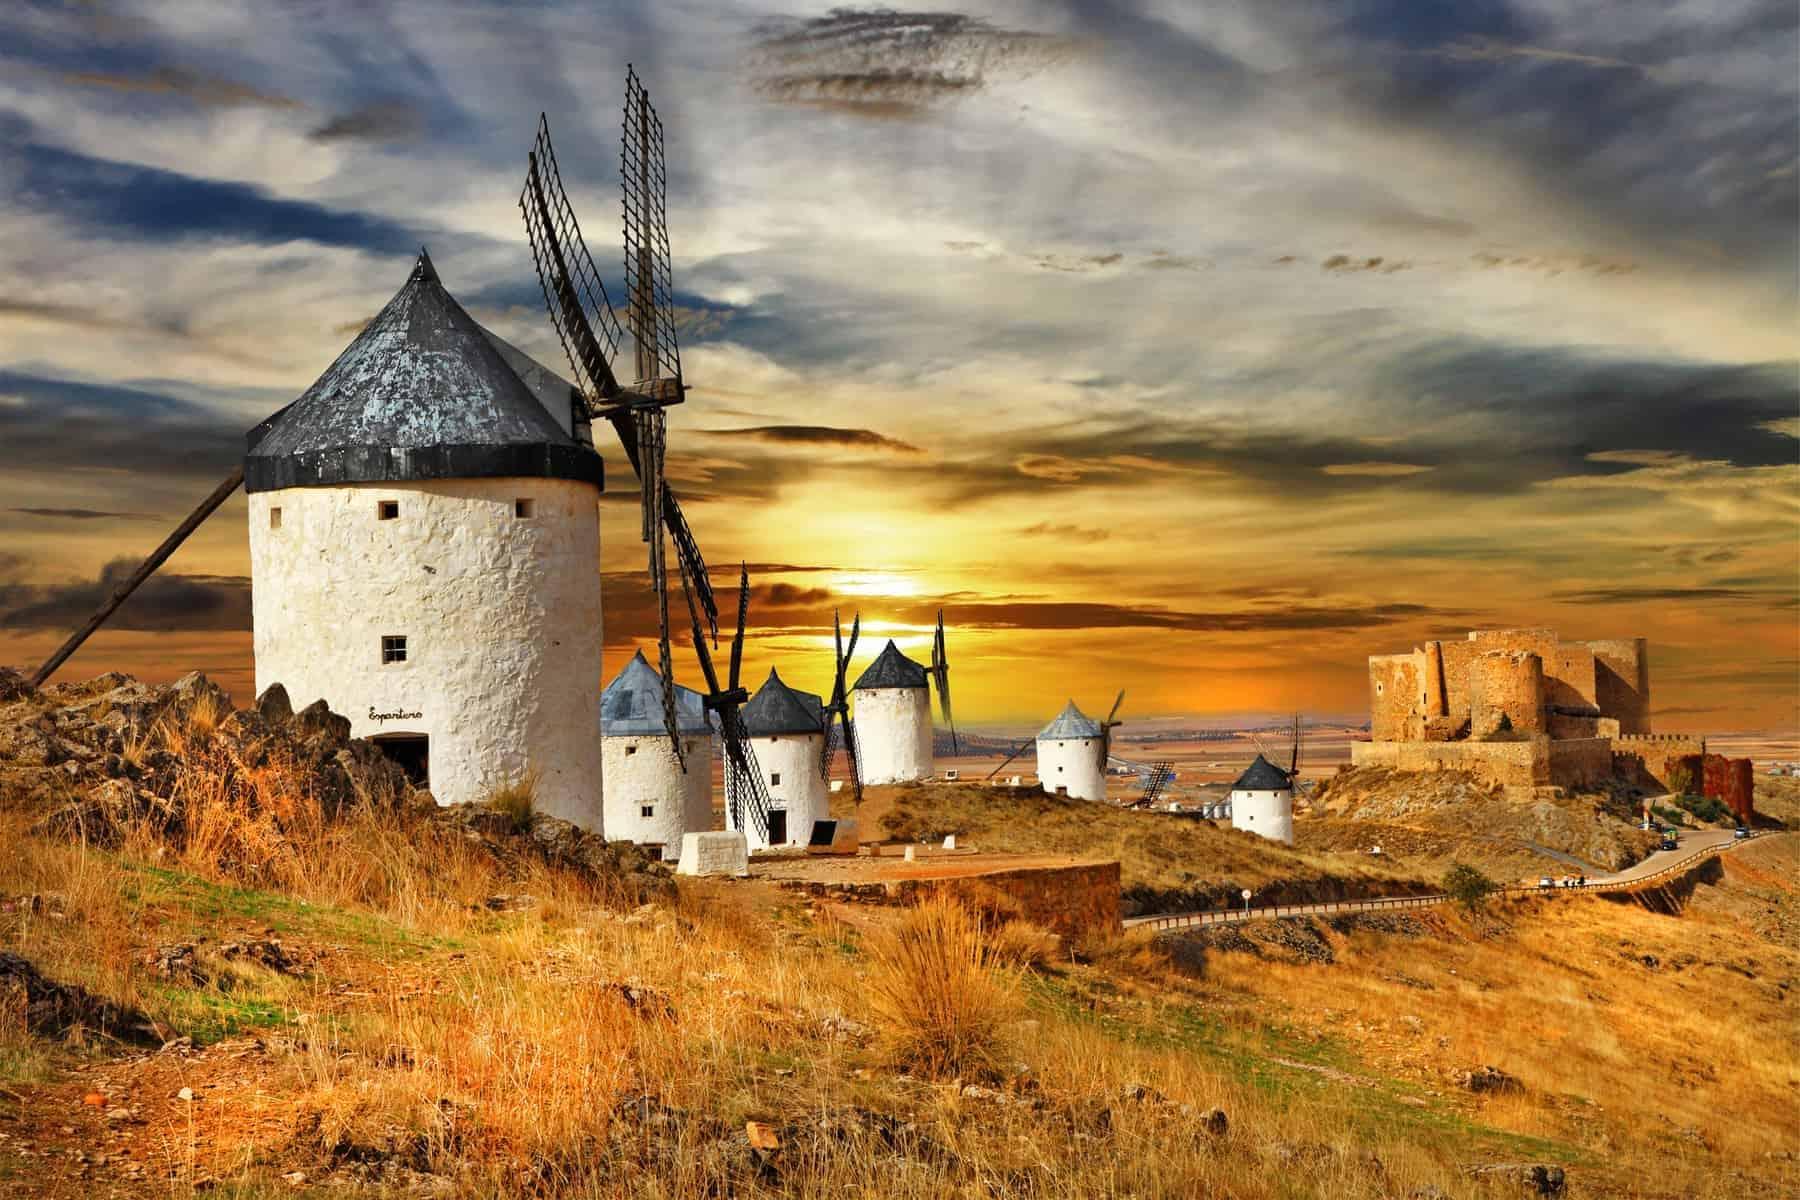 Spain windmilla